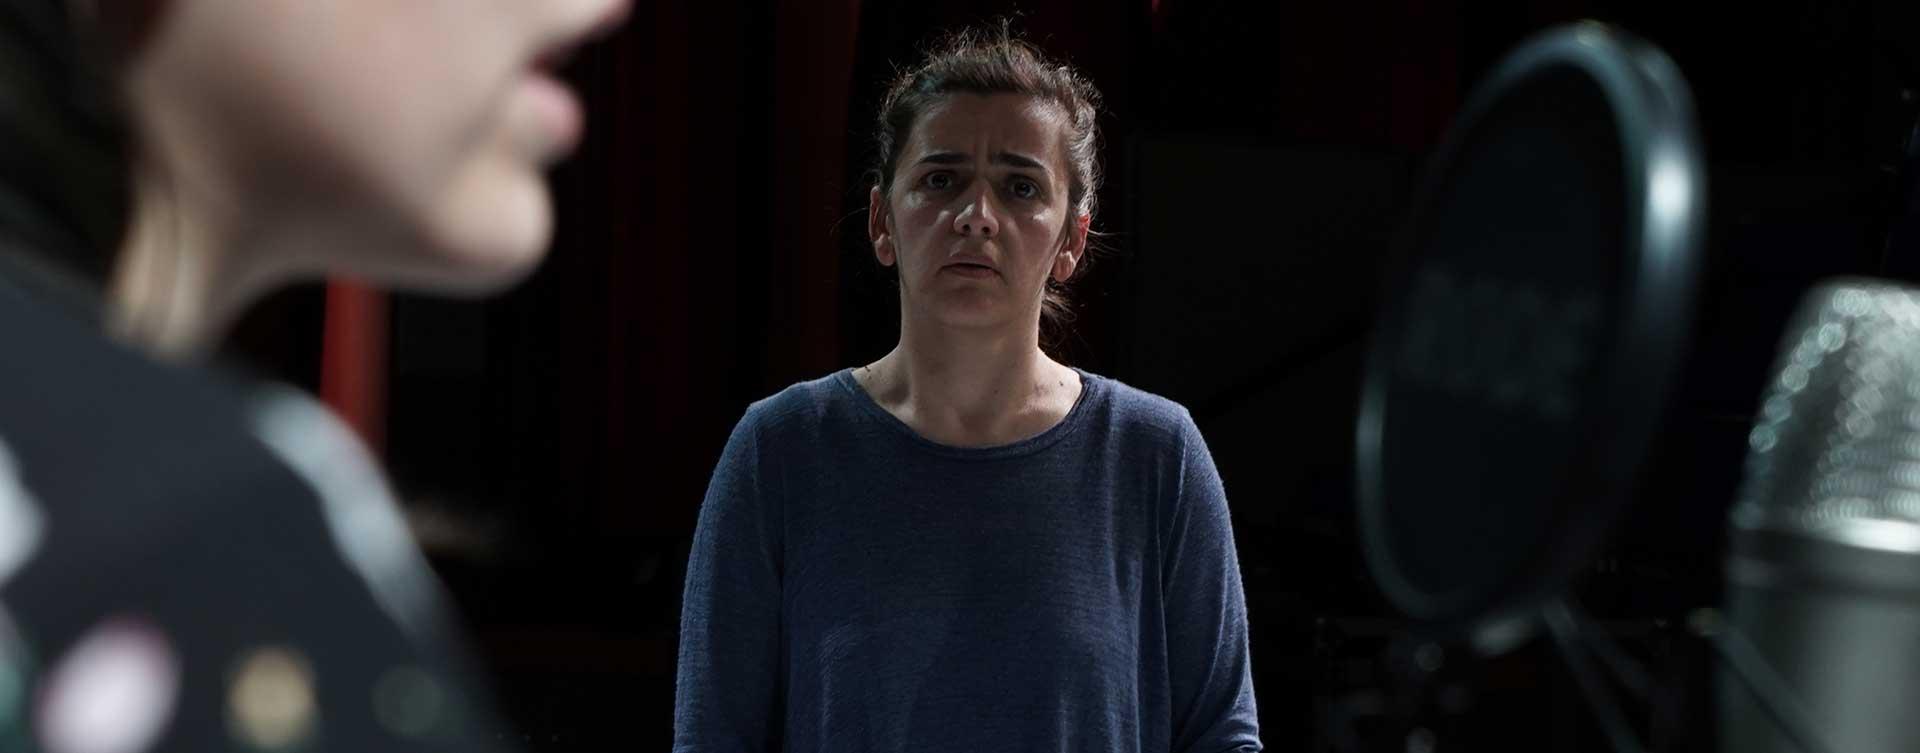 actuación de la actriz en la obra liberto